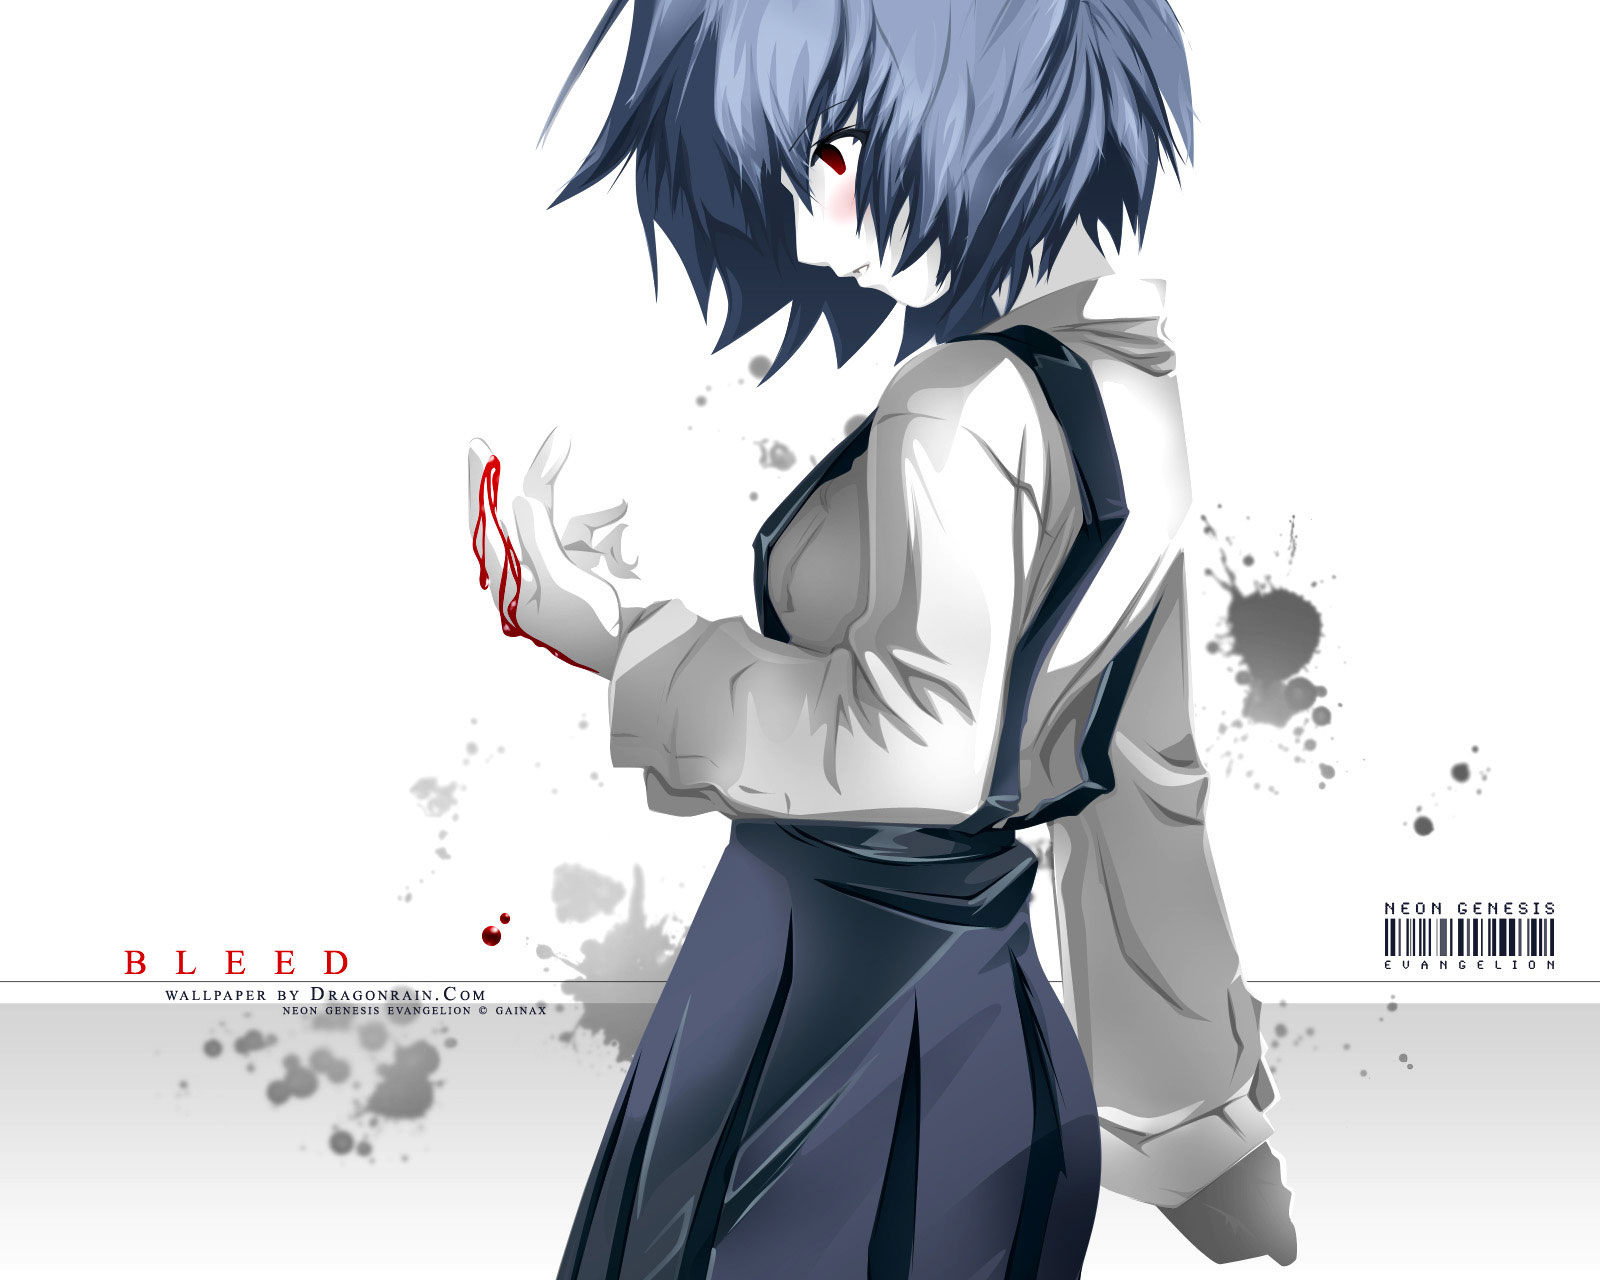 image: Rei_Ayanami___Bleed_by_KravenErgeist